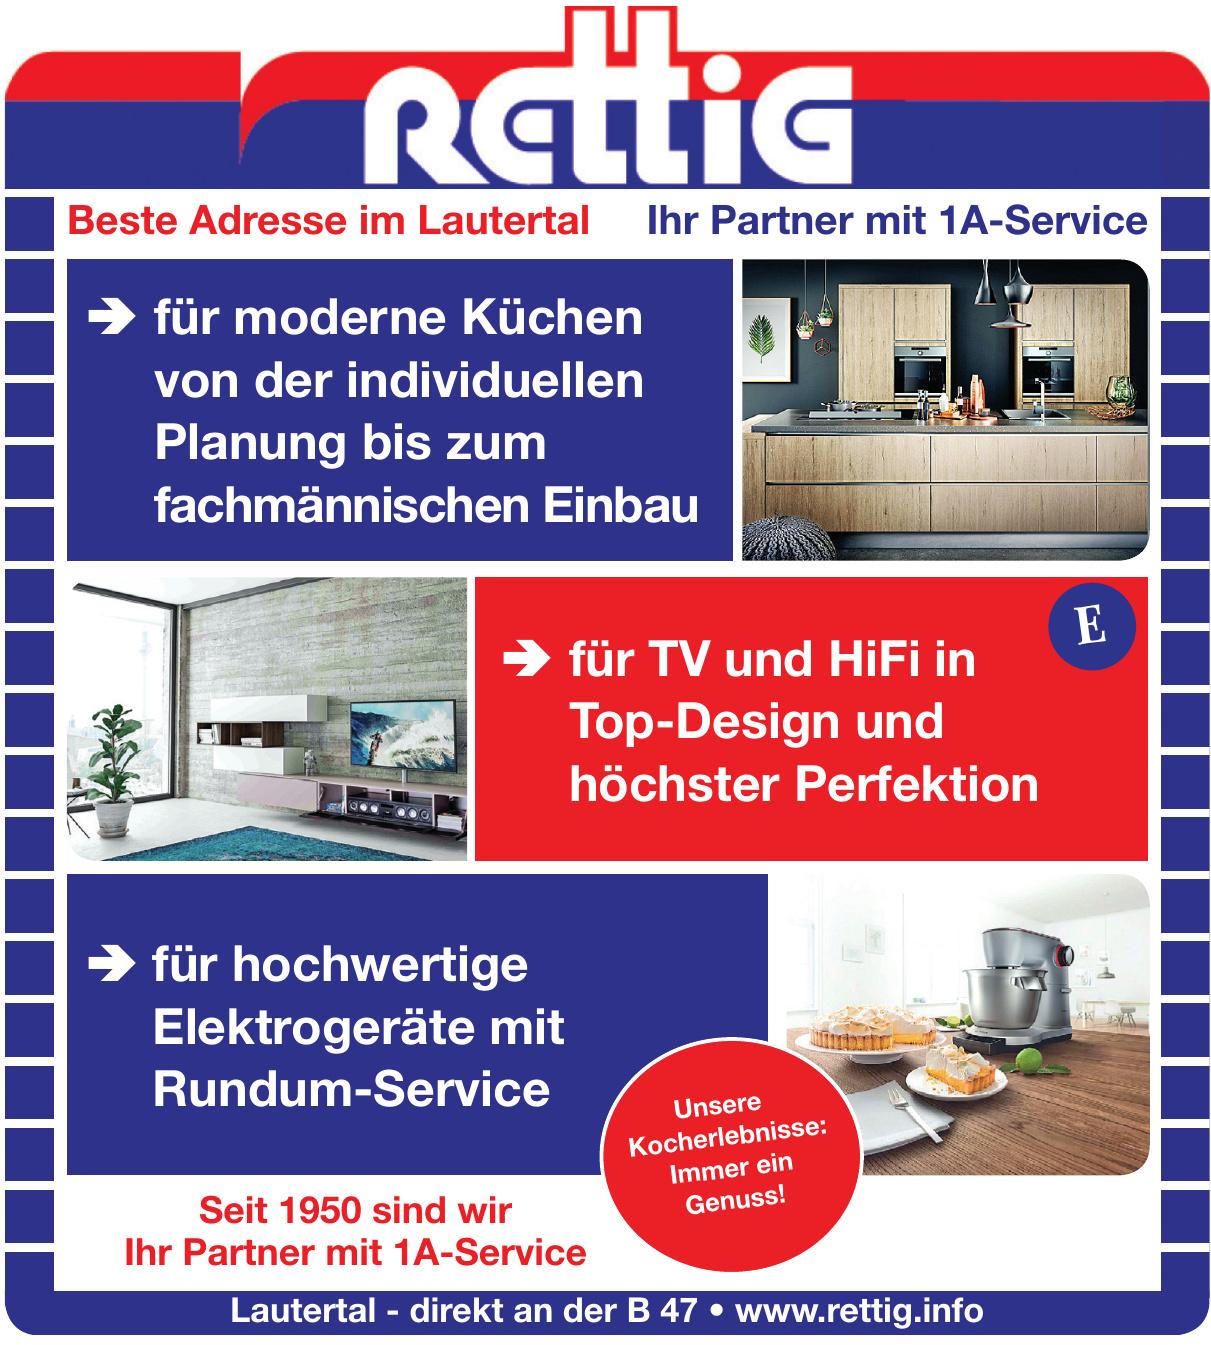 Rettig GmbH